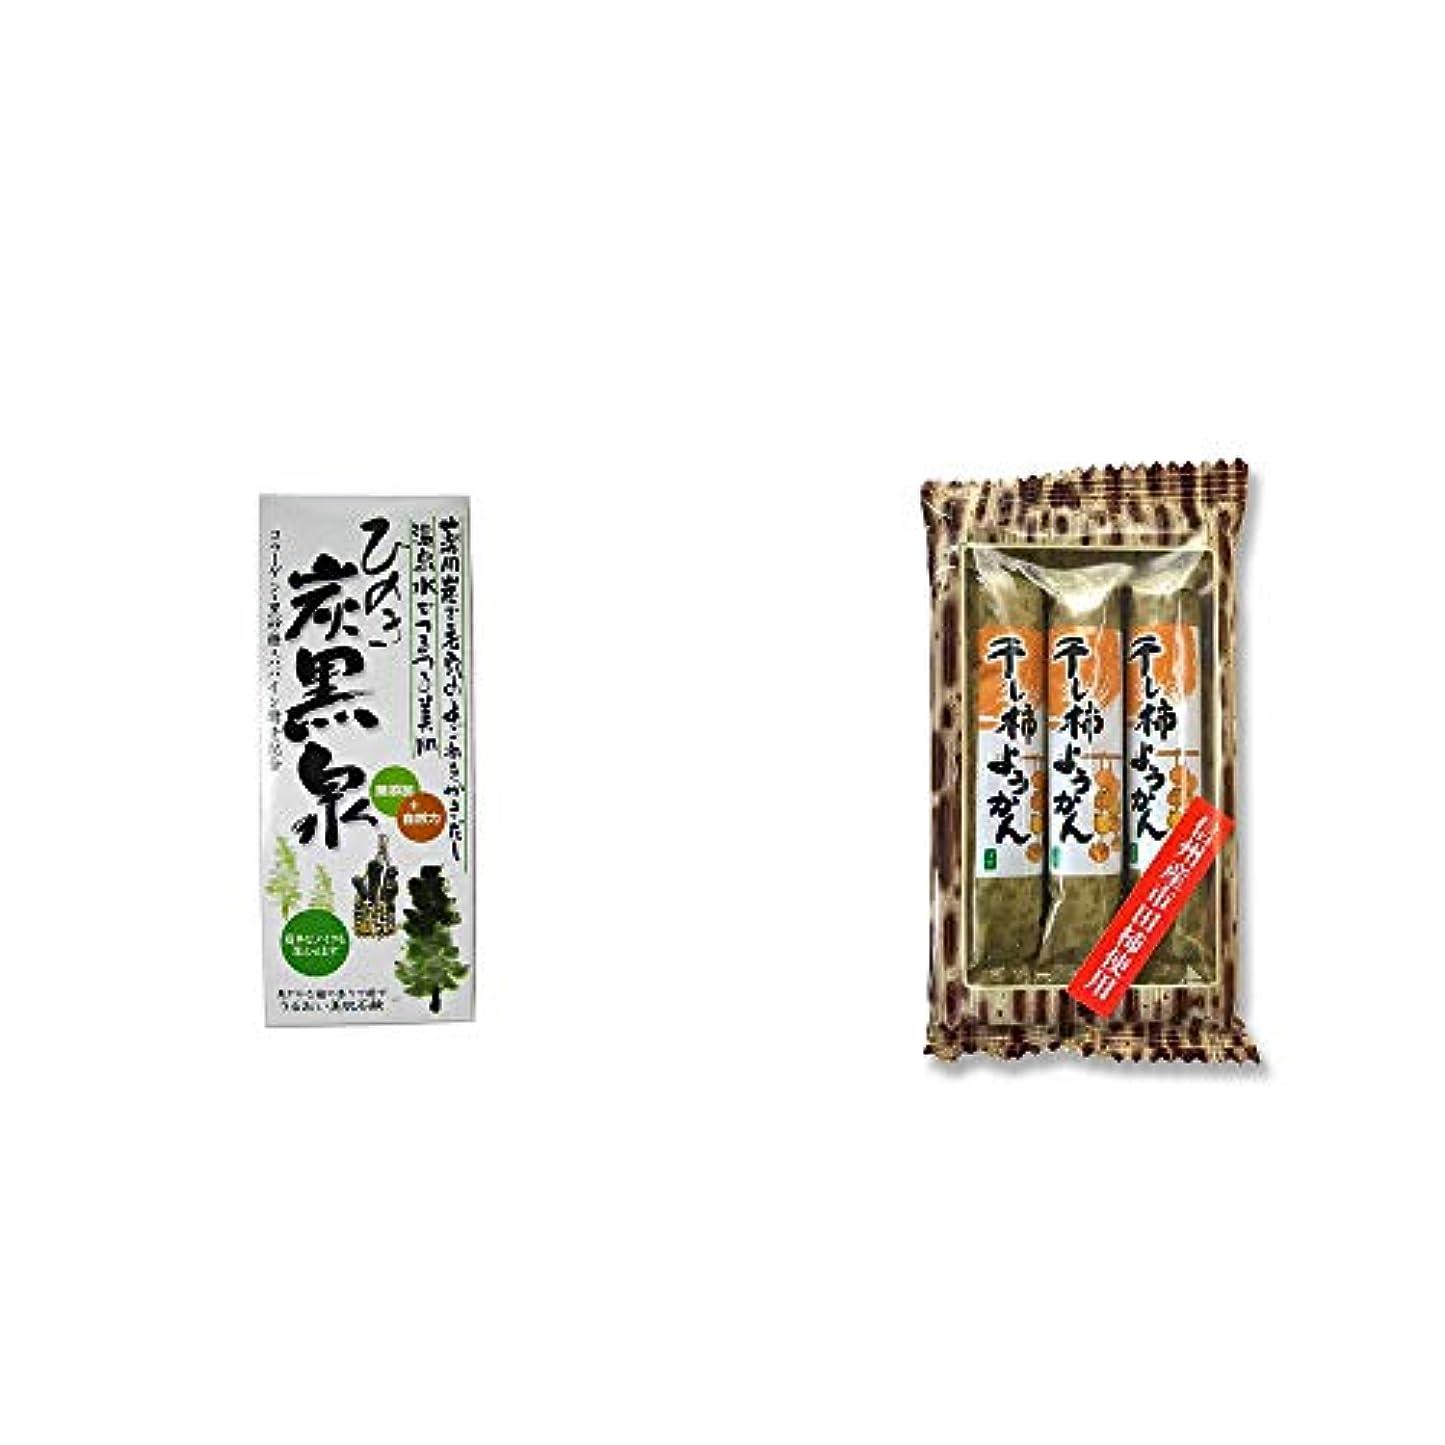 [2点セット] ひのき炭黒泉 箱入り(75g×3)?信州産市田柿使用 スティックようかん[柿](50g×3本)